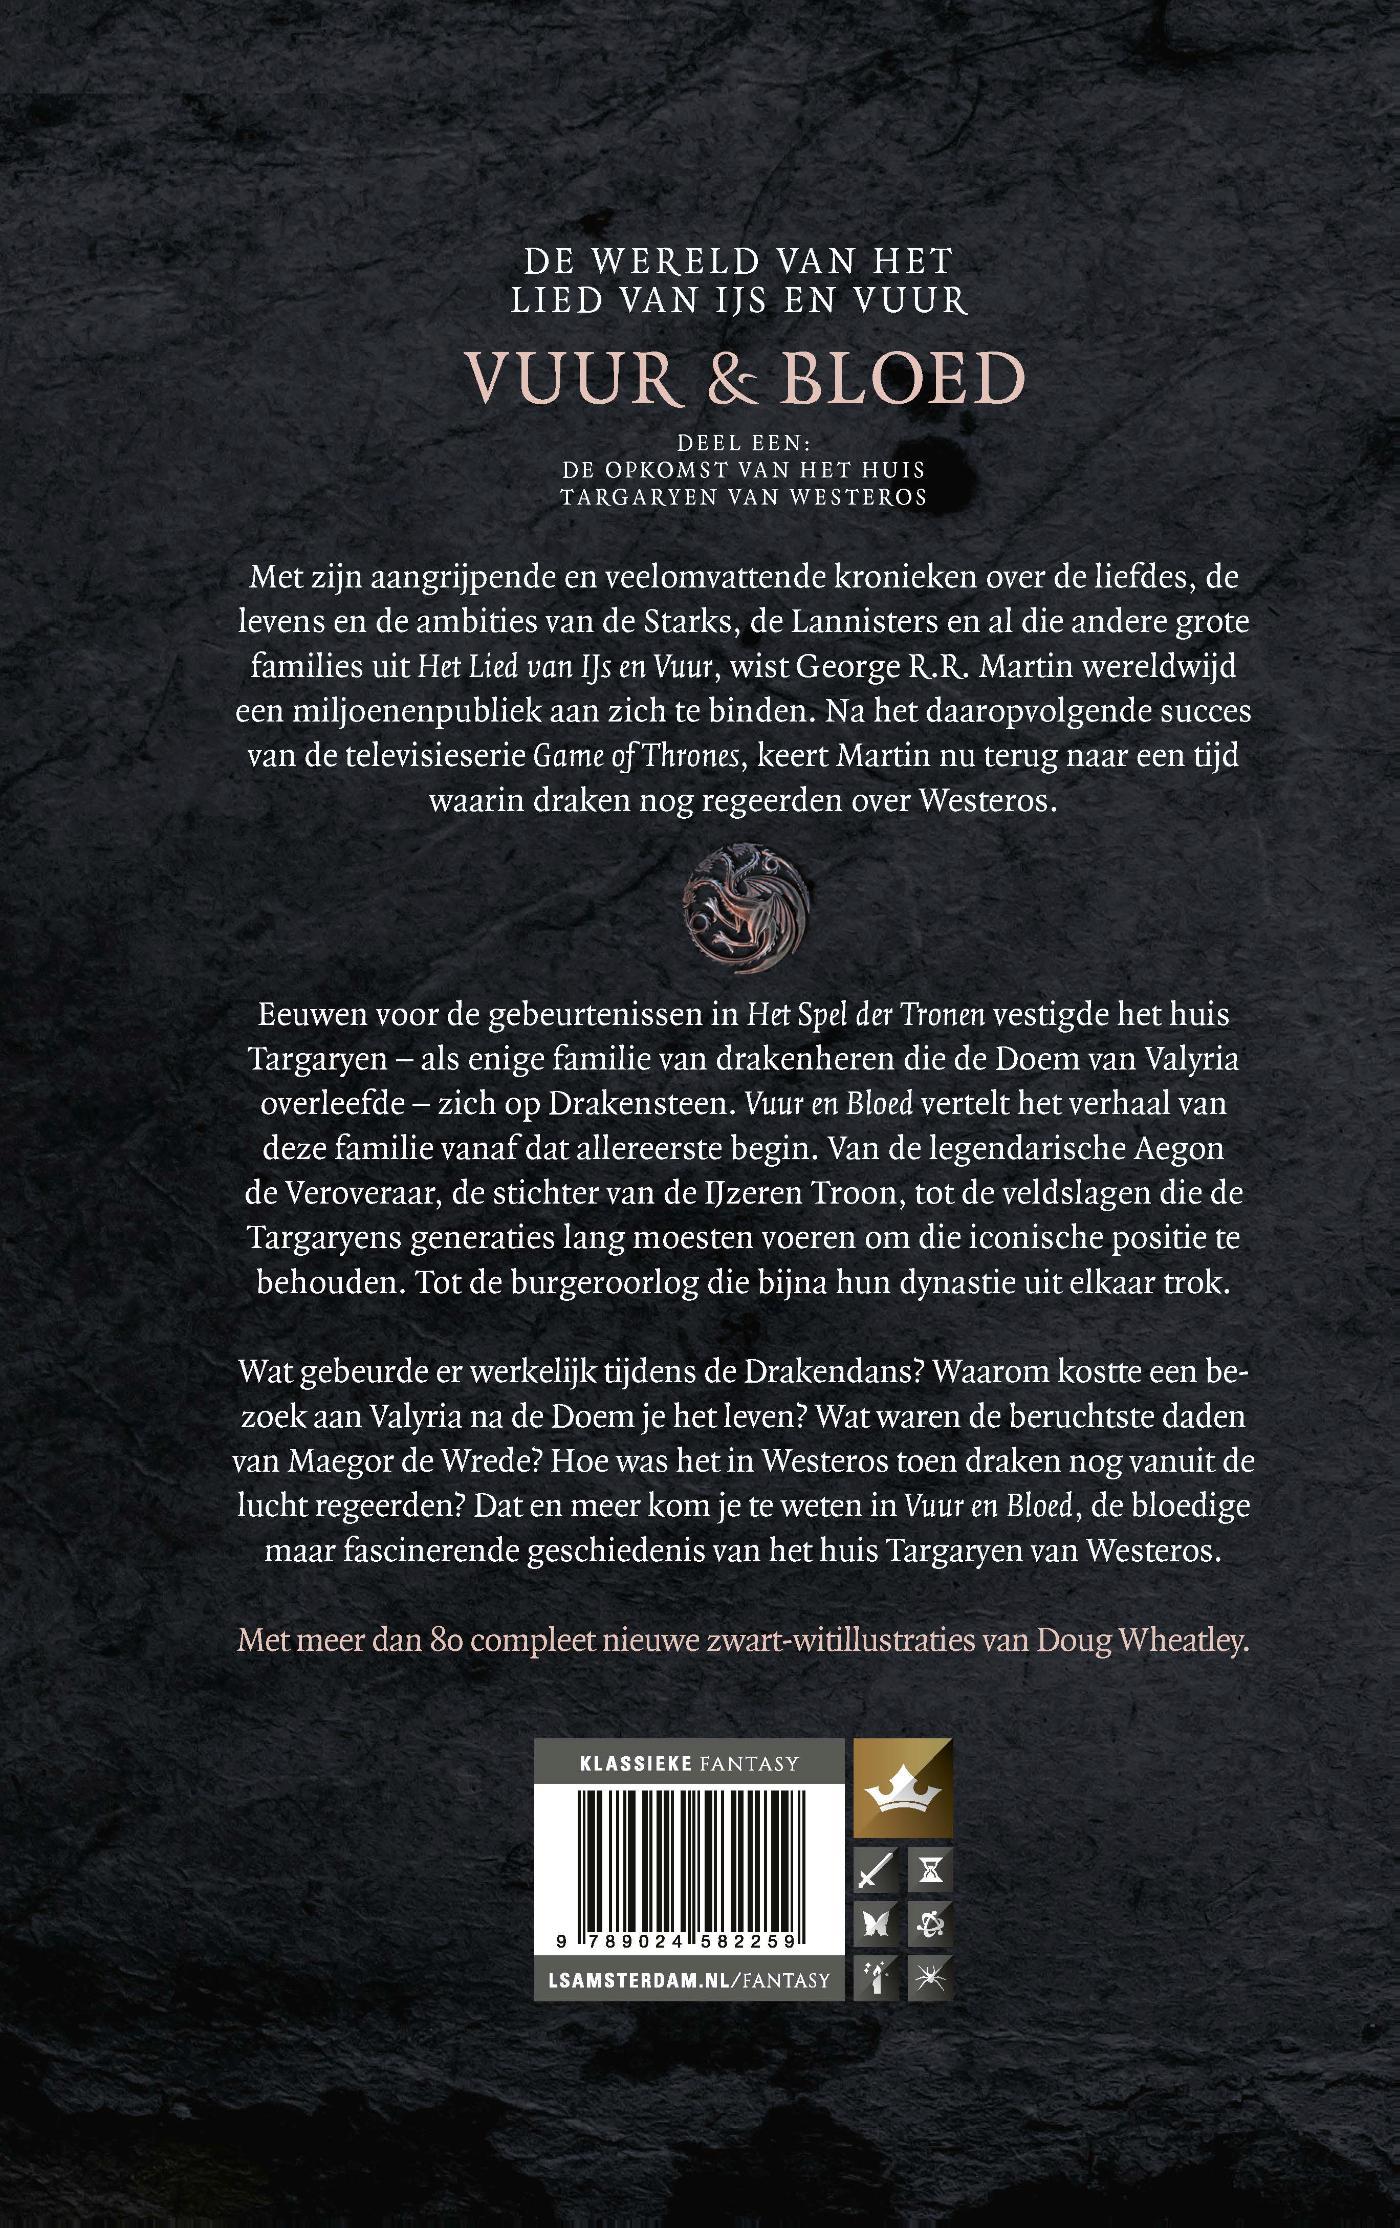 Vuur en Bloed / 1 De opkomst van het huis Targaryen van Westeros